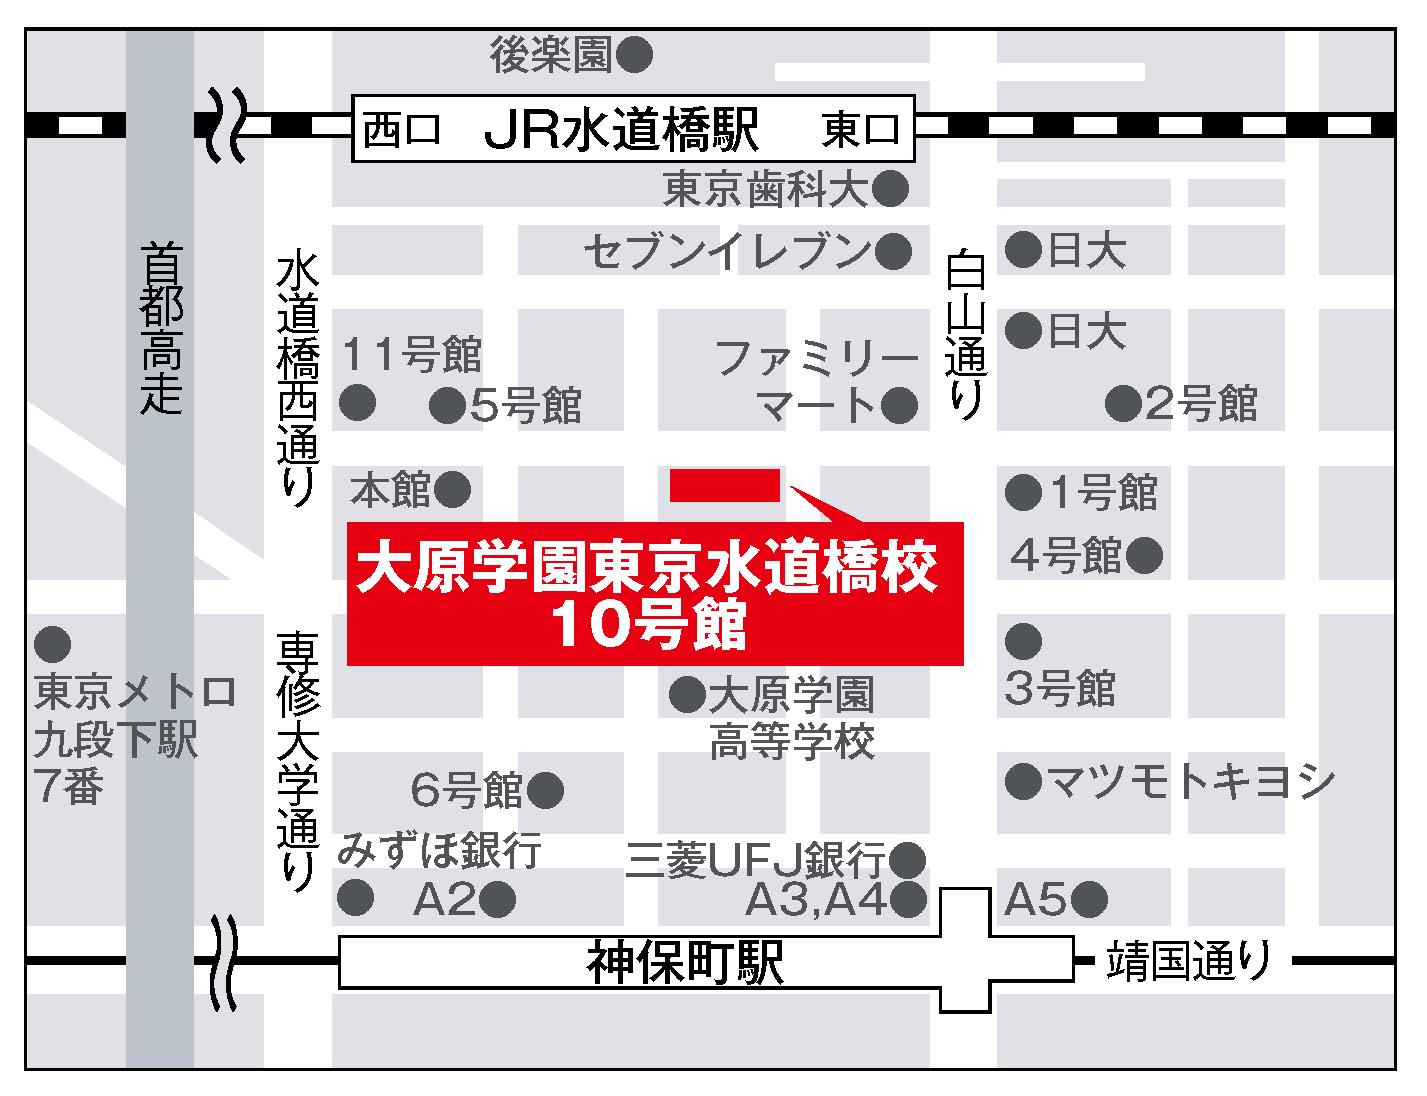 文書名20200703_正社員支援3パターン0624(最終) _大原学園東京水道橋校